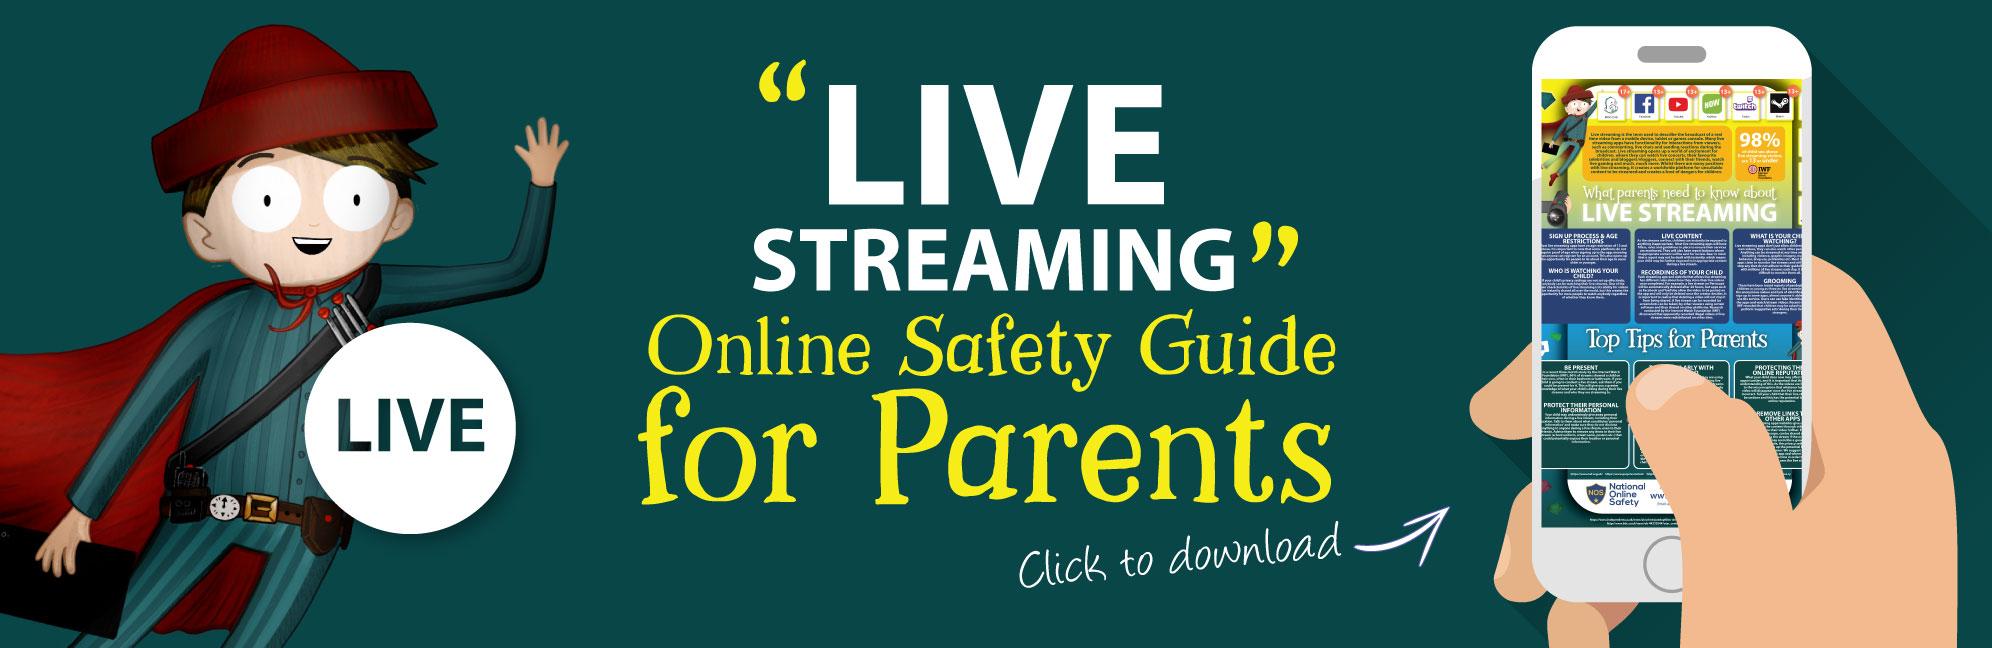 Live-streaming-Online-Safety-Parents-Guide-Web-Image-121118-V1